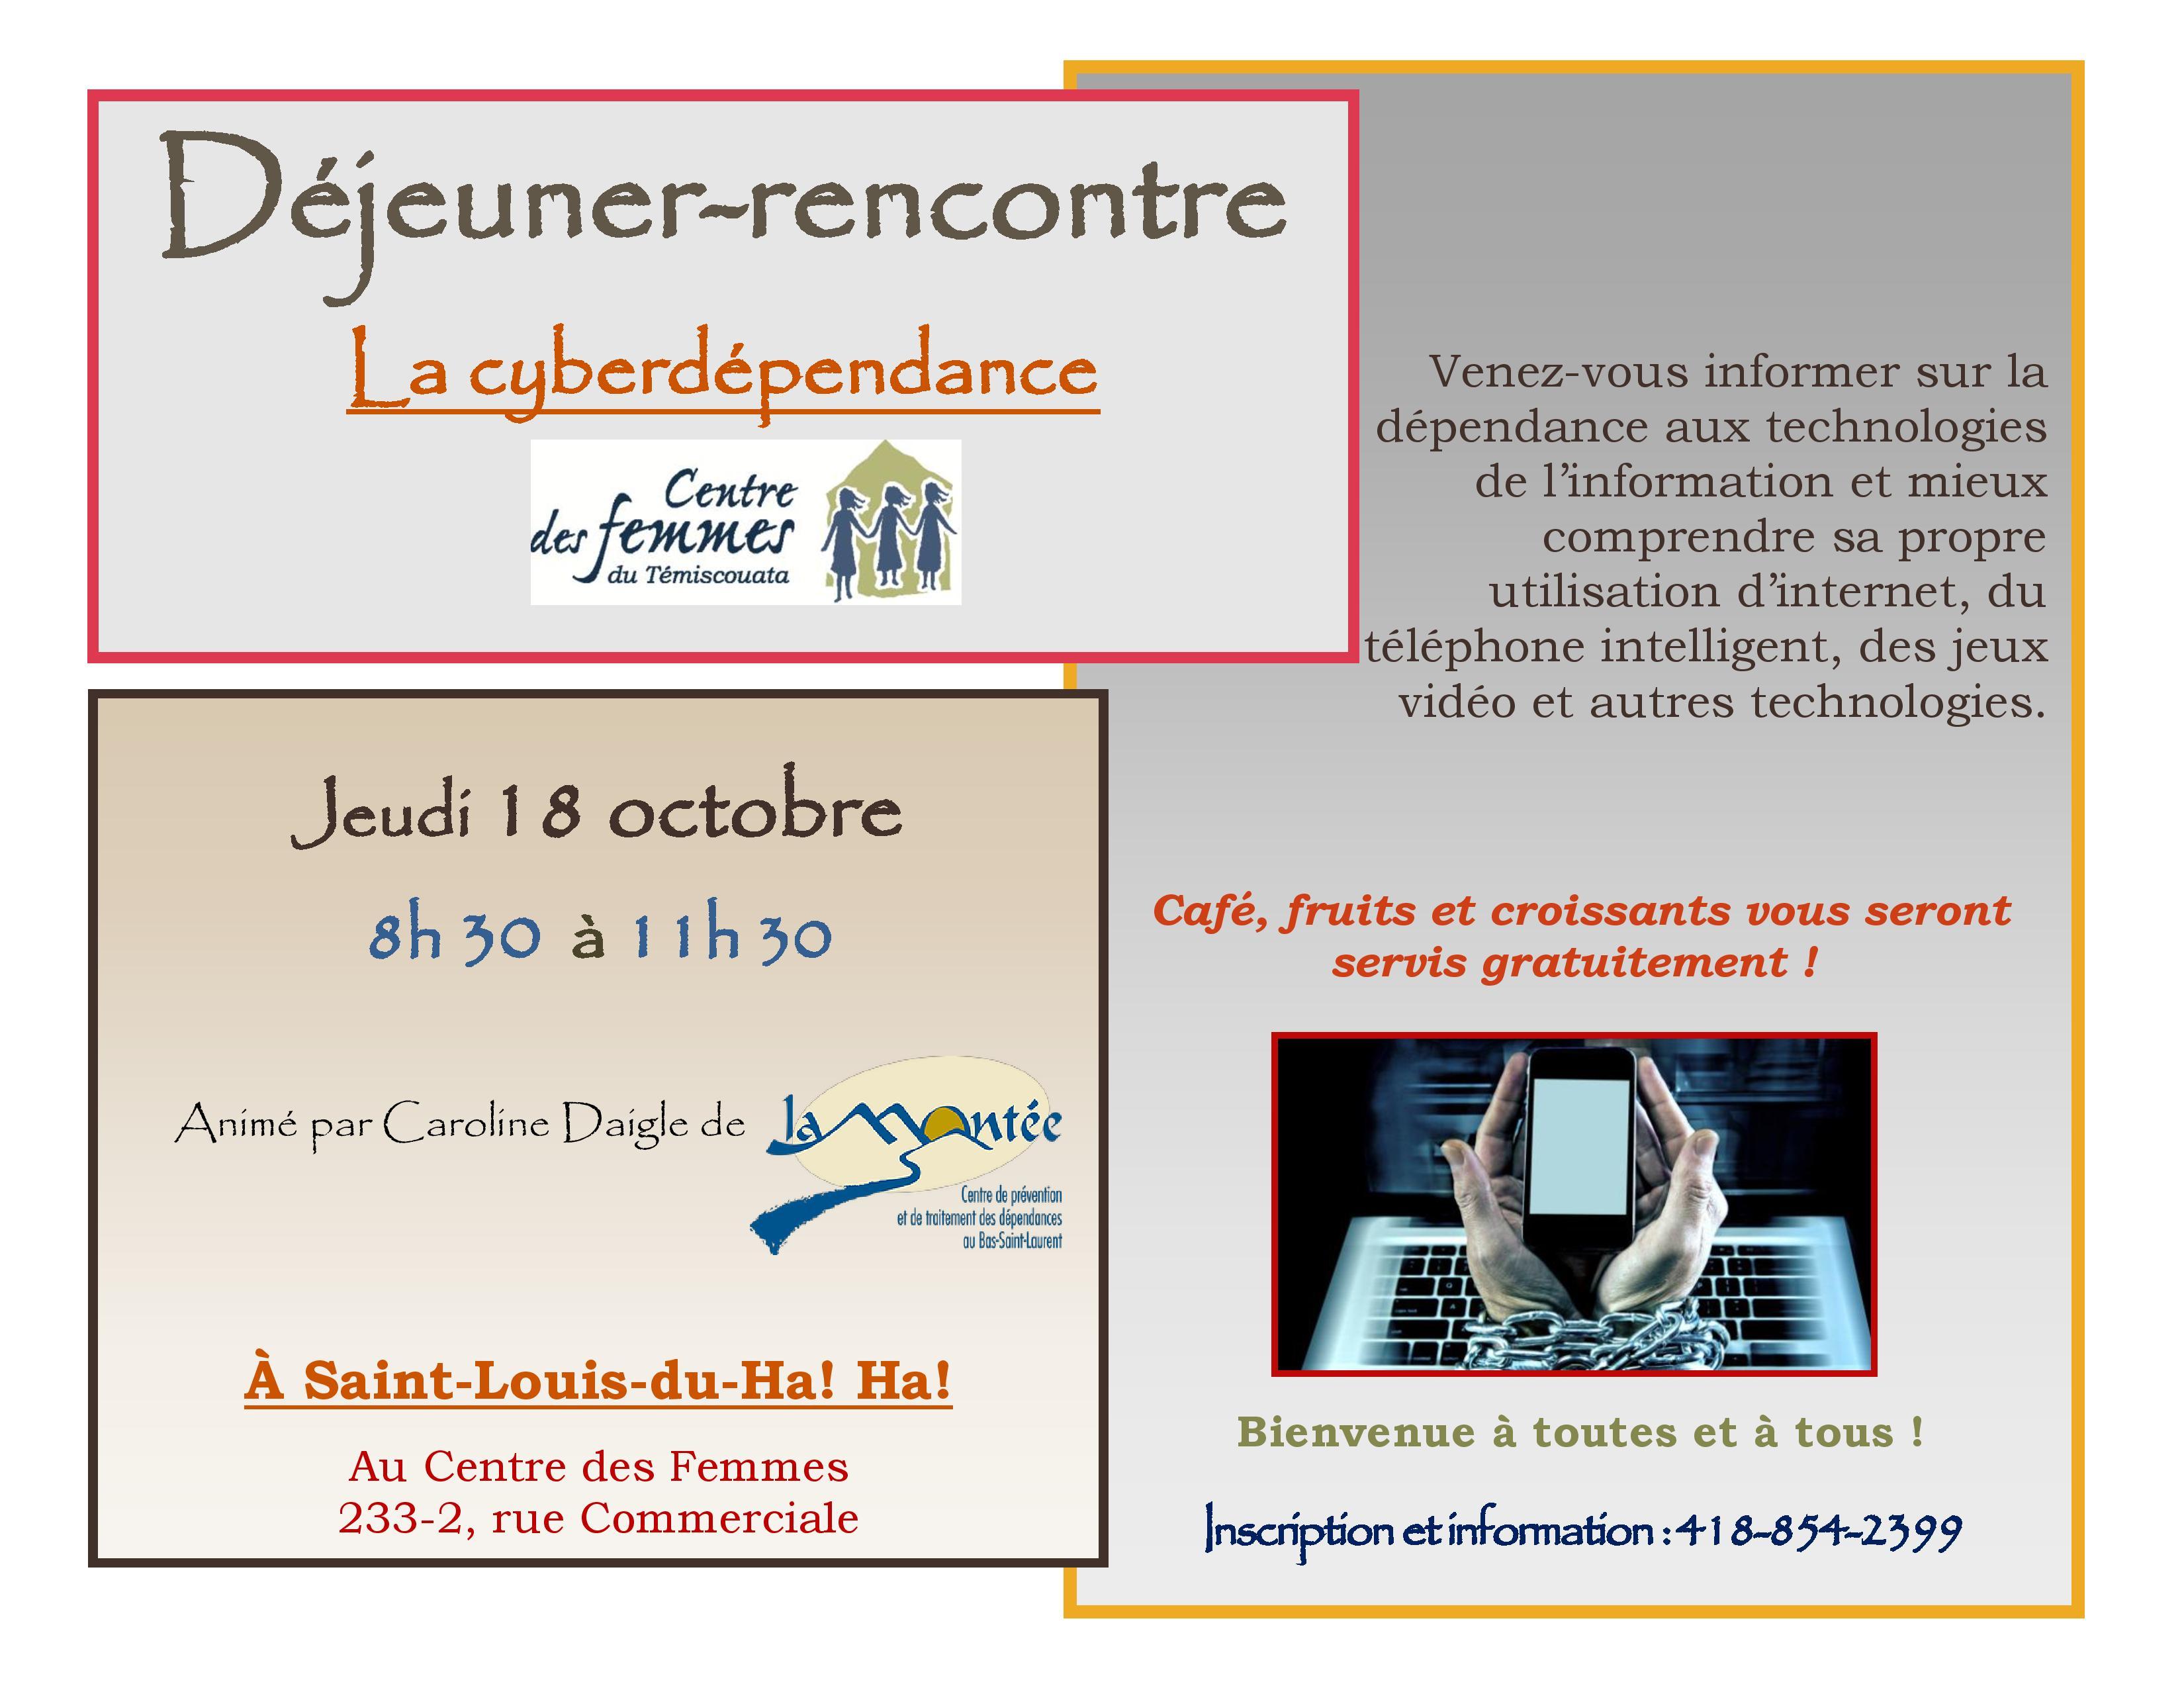 Affiche dej-rencontre cyberdependance La Montée-page-001